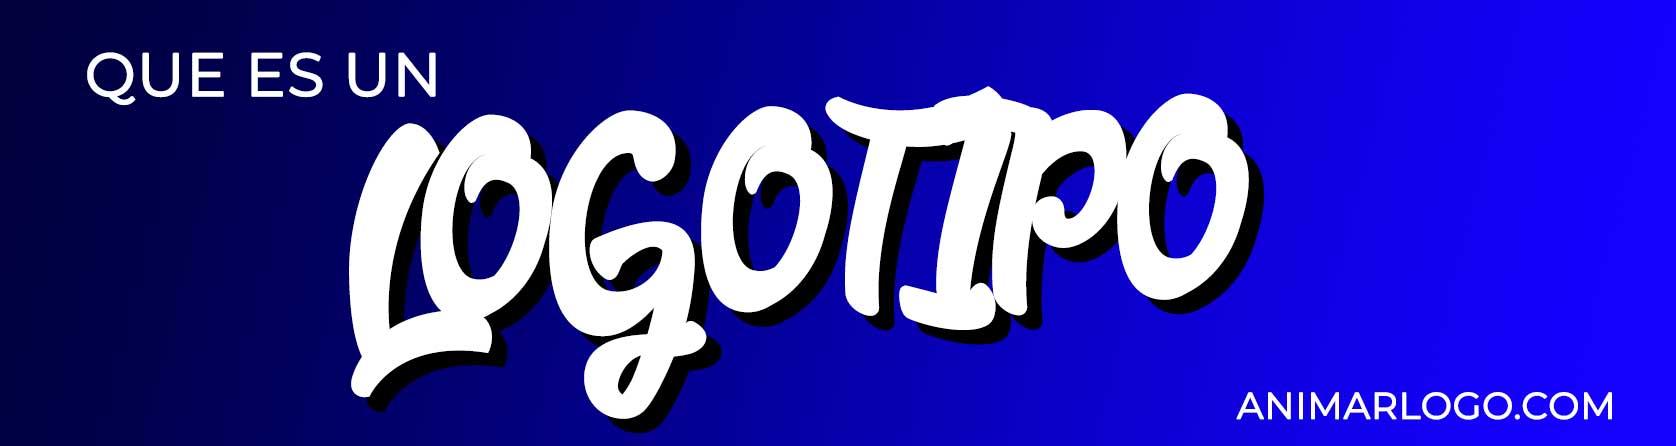 Que-es-un-logotipo-Tipo-de-logotipo-Logo-AnimarLogo